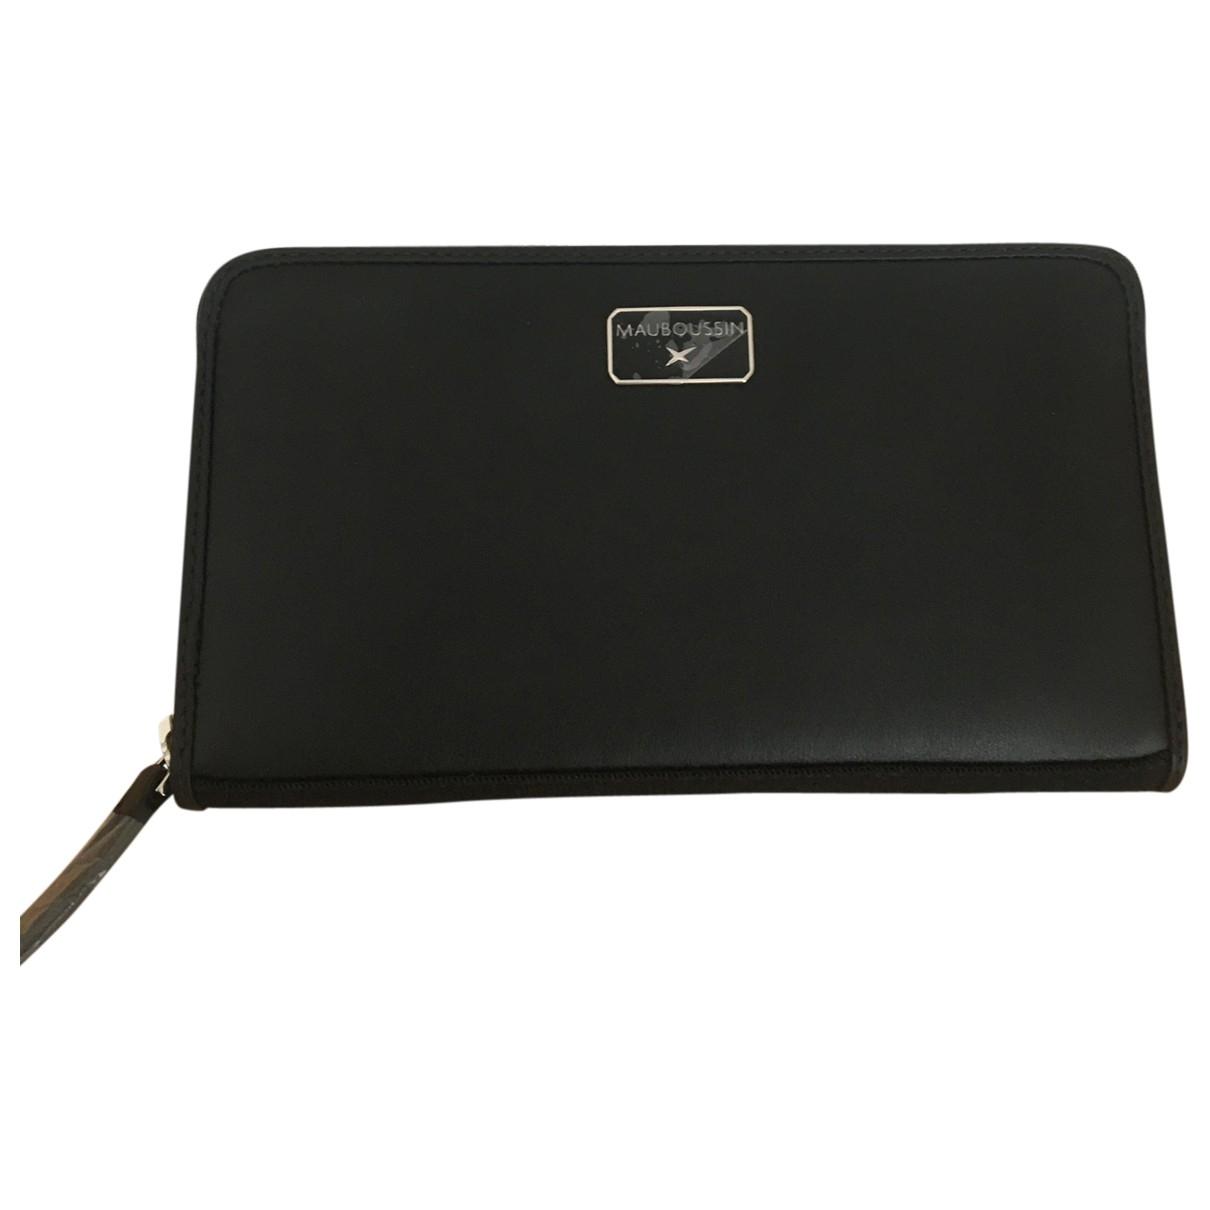 Mauboussin - Portefeuille   pour femme en cuir - noir